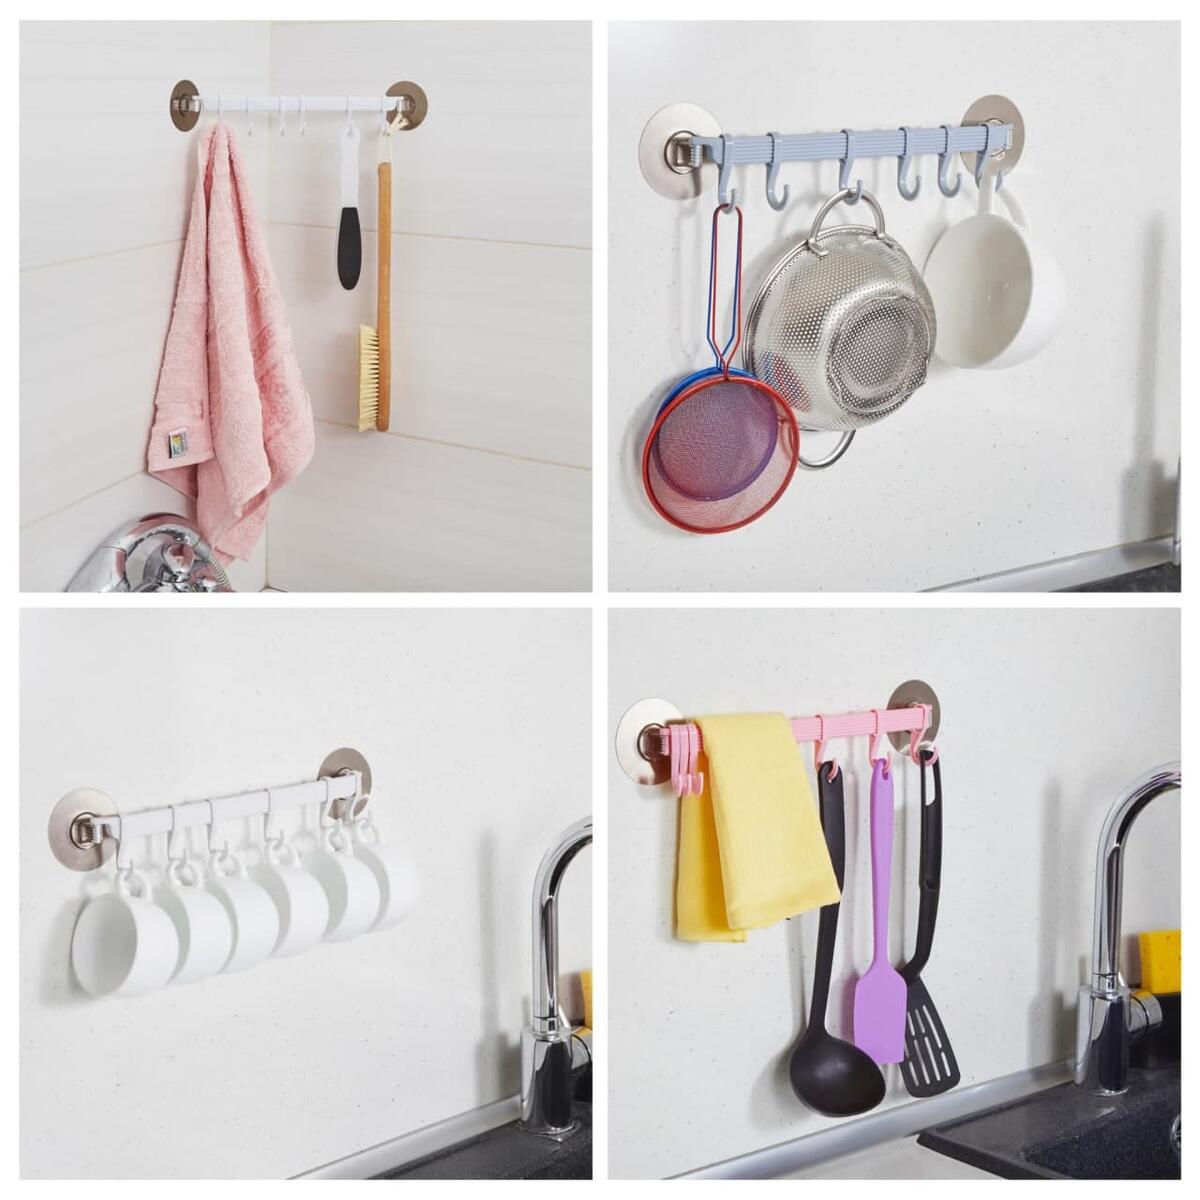 2-pack hanging utensil holder with hooks